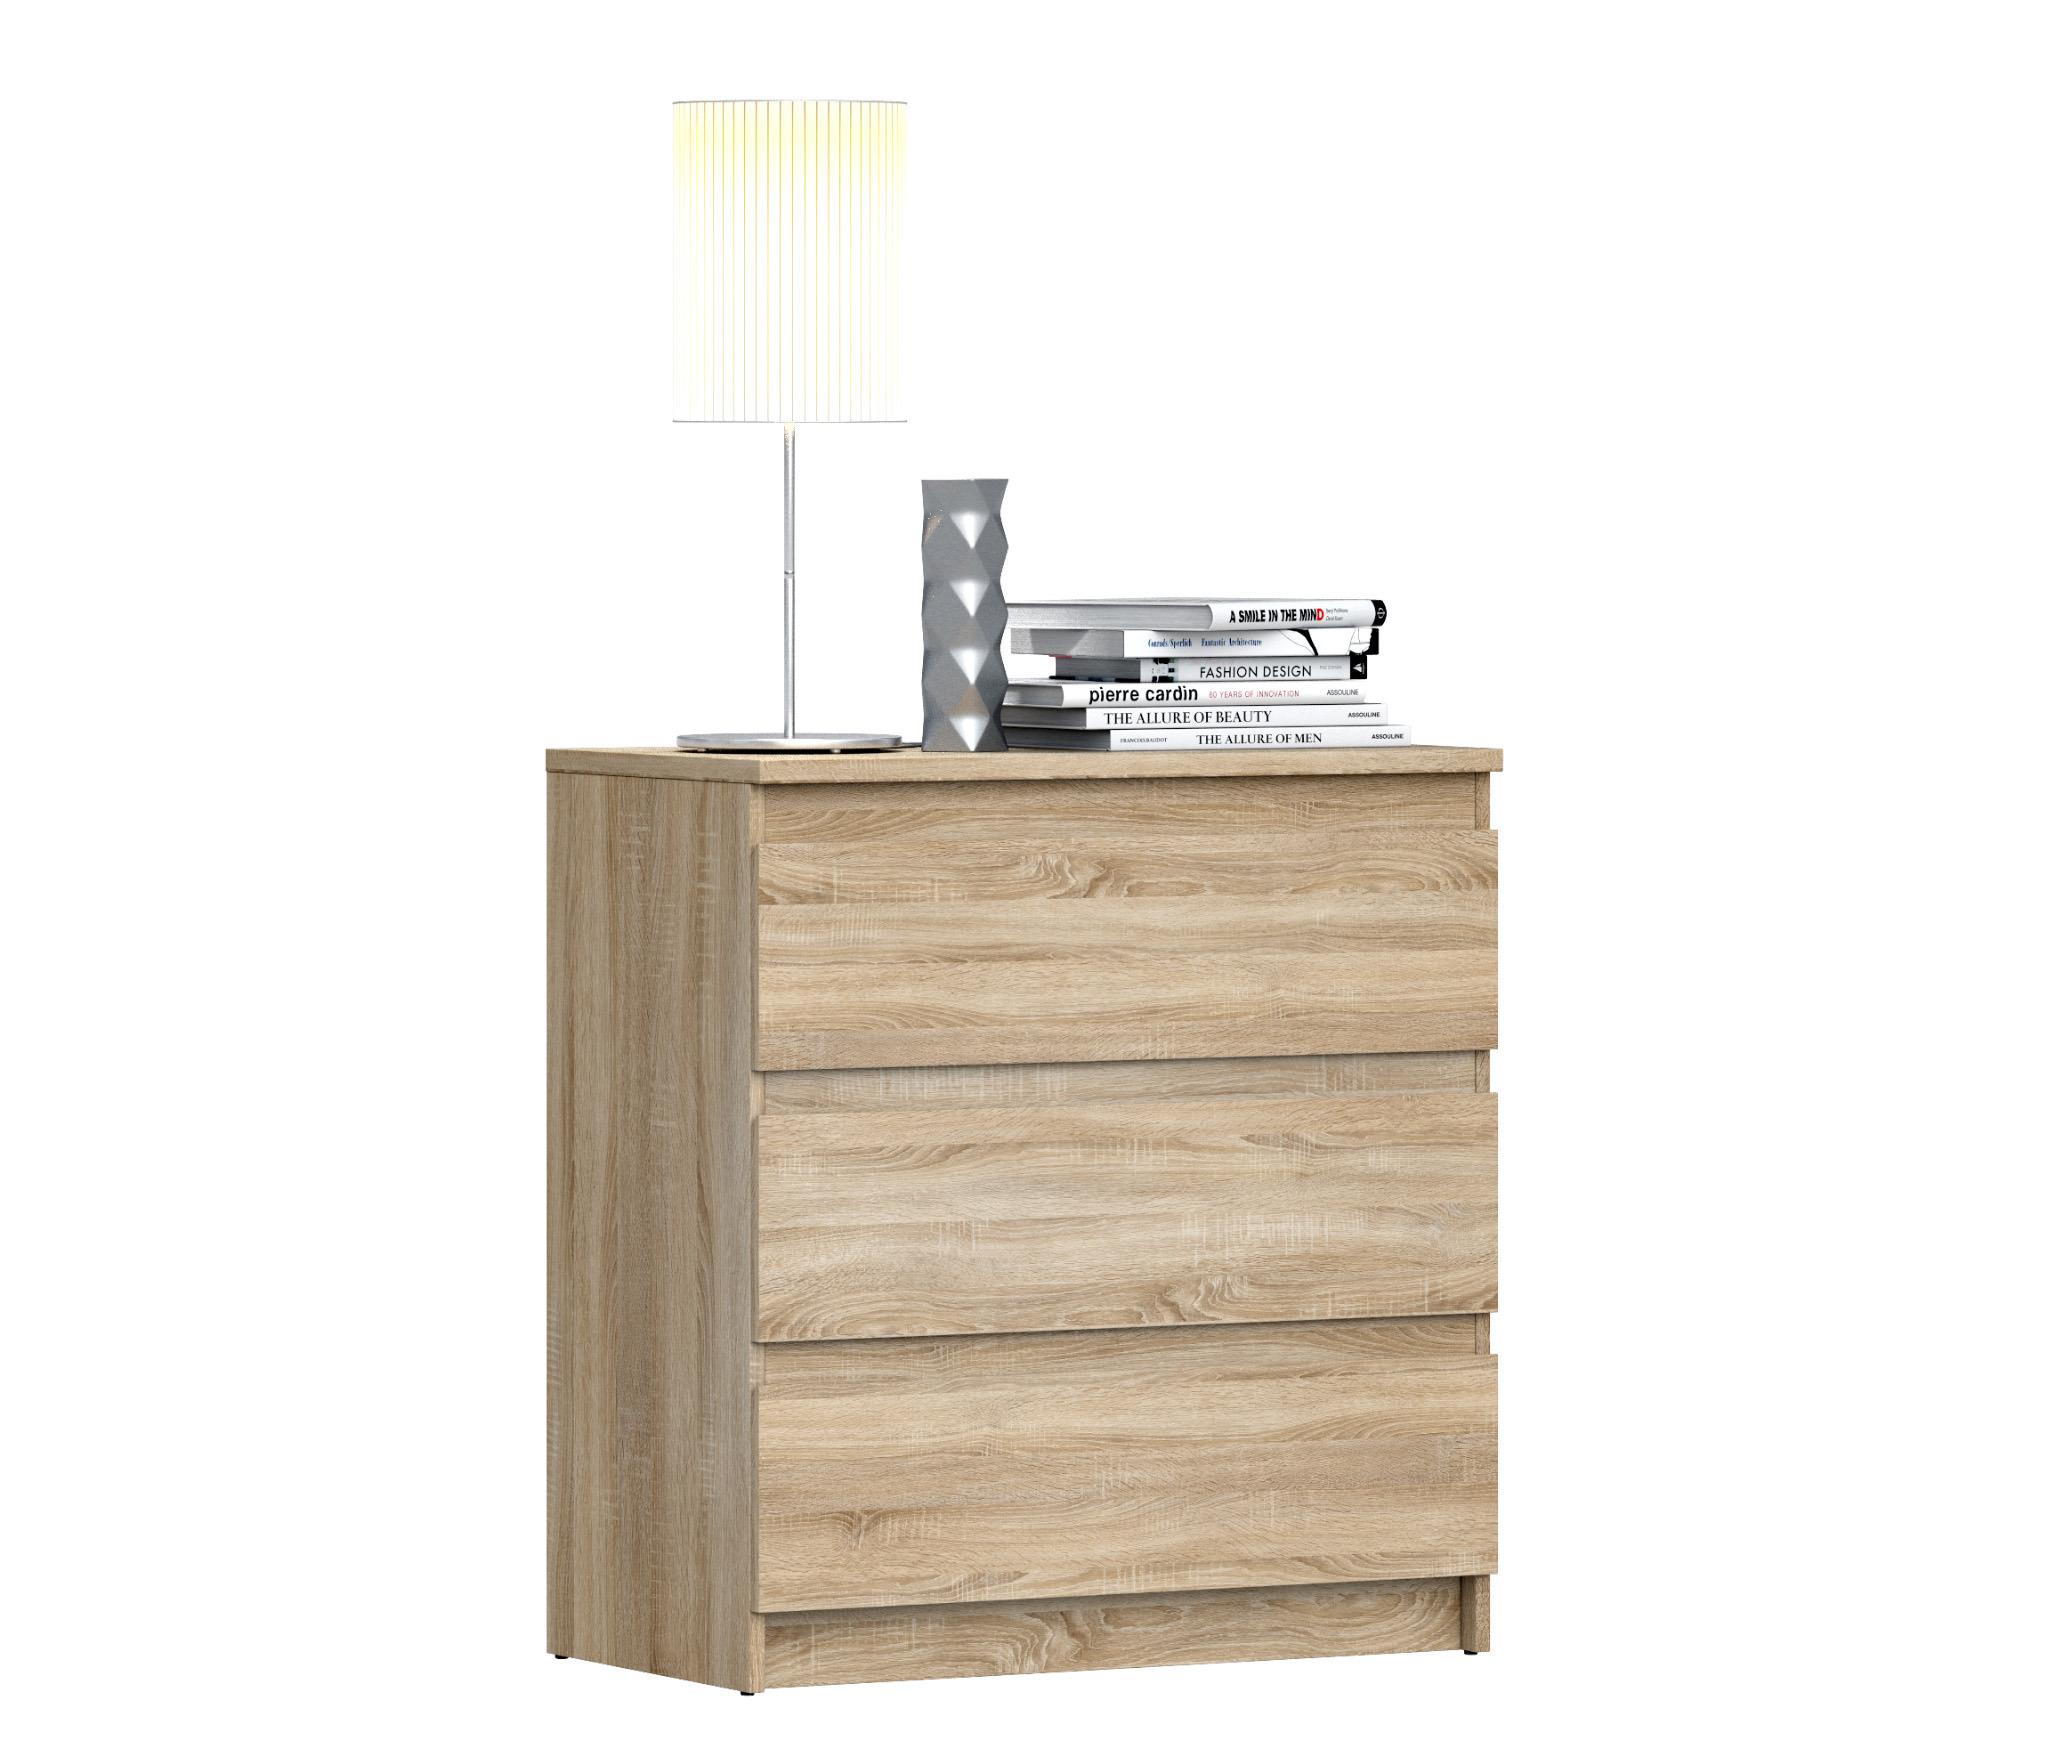 Кито СБ-2347 КомодКомоды<br>Комод  Кито  имеет 3 ящика для хранения вещей и предметов любого назначения. Он представляет собой удобный и практичный предмет мебели, используемый для хранения вещей, различных аксессуаров и принадлежностей для дома. Черты этой модели: элегантность и простота.<br><br>Длина мм: 800<br>Высота мм: 862<br>Глубина мм: 446